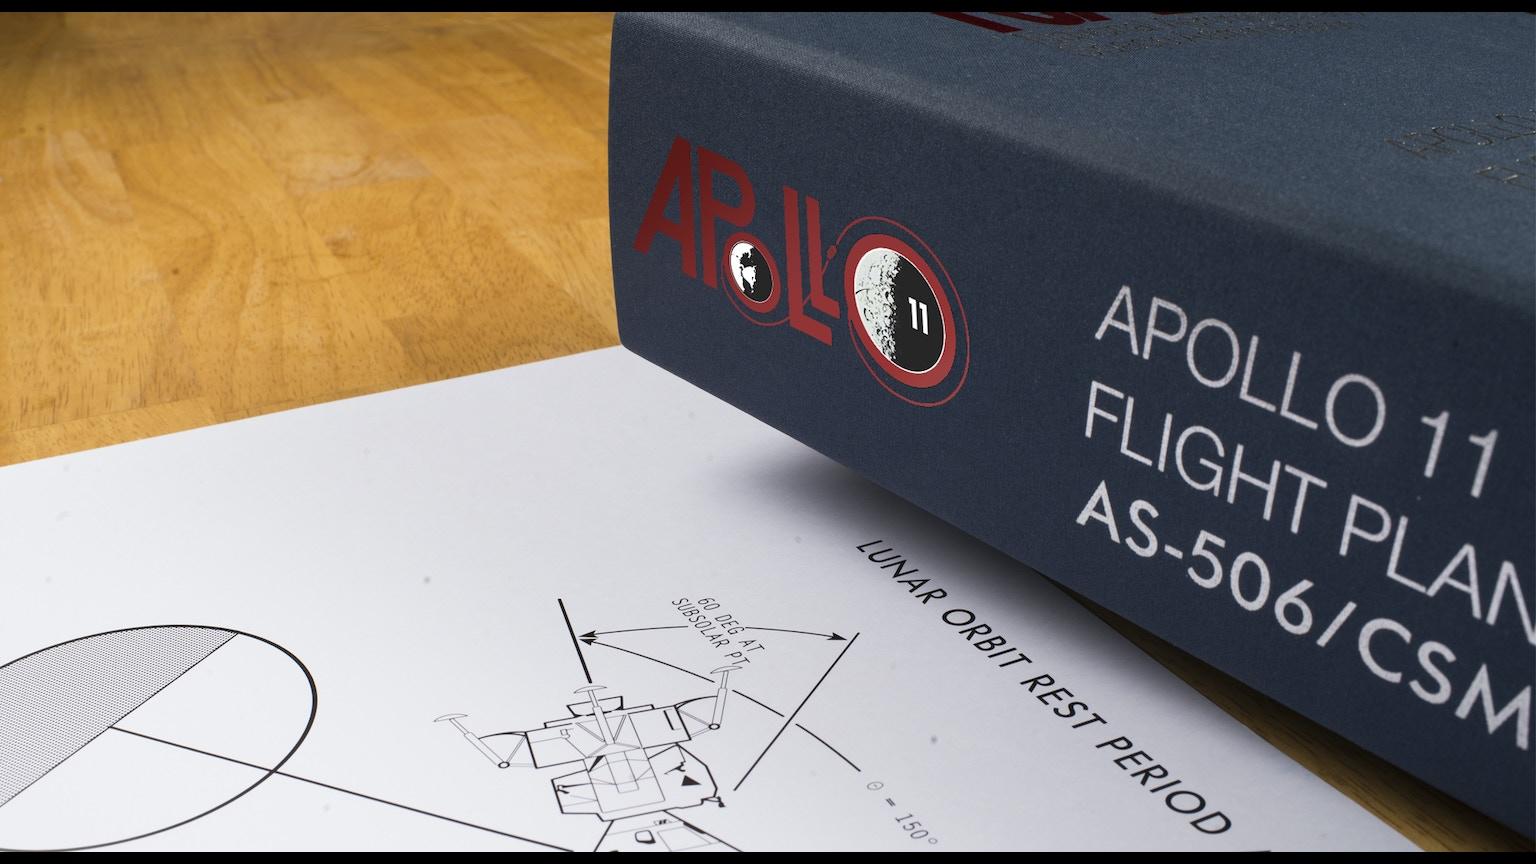 apollo flight plan - photo #32